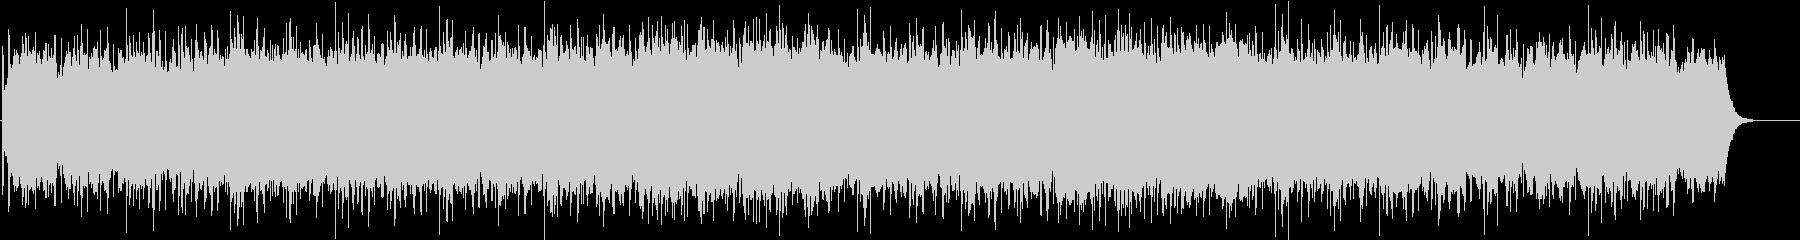 広がりのあるミステリアスなBGMの未再生の波形